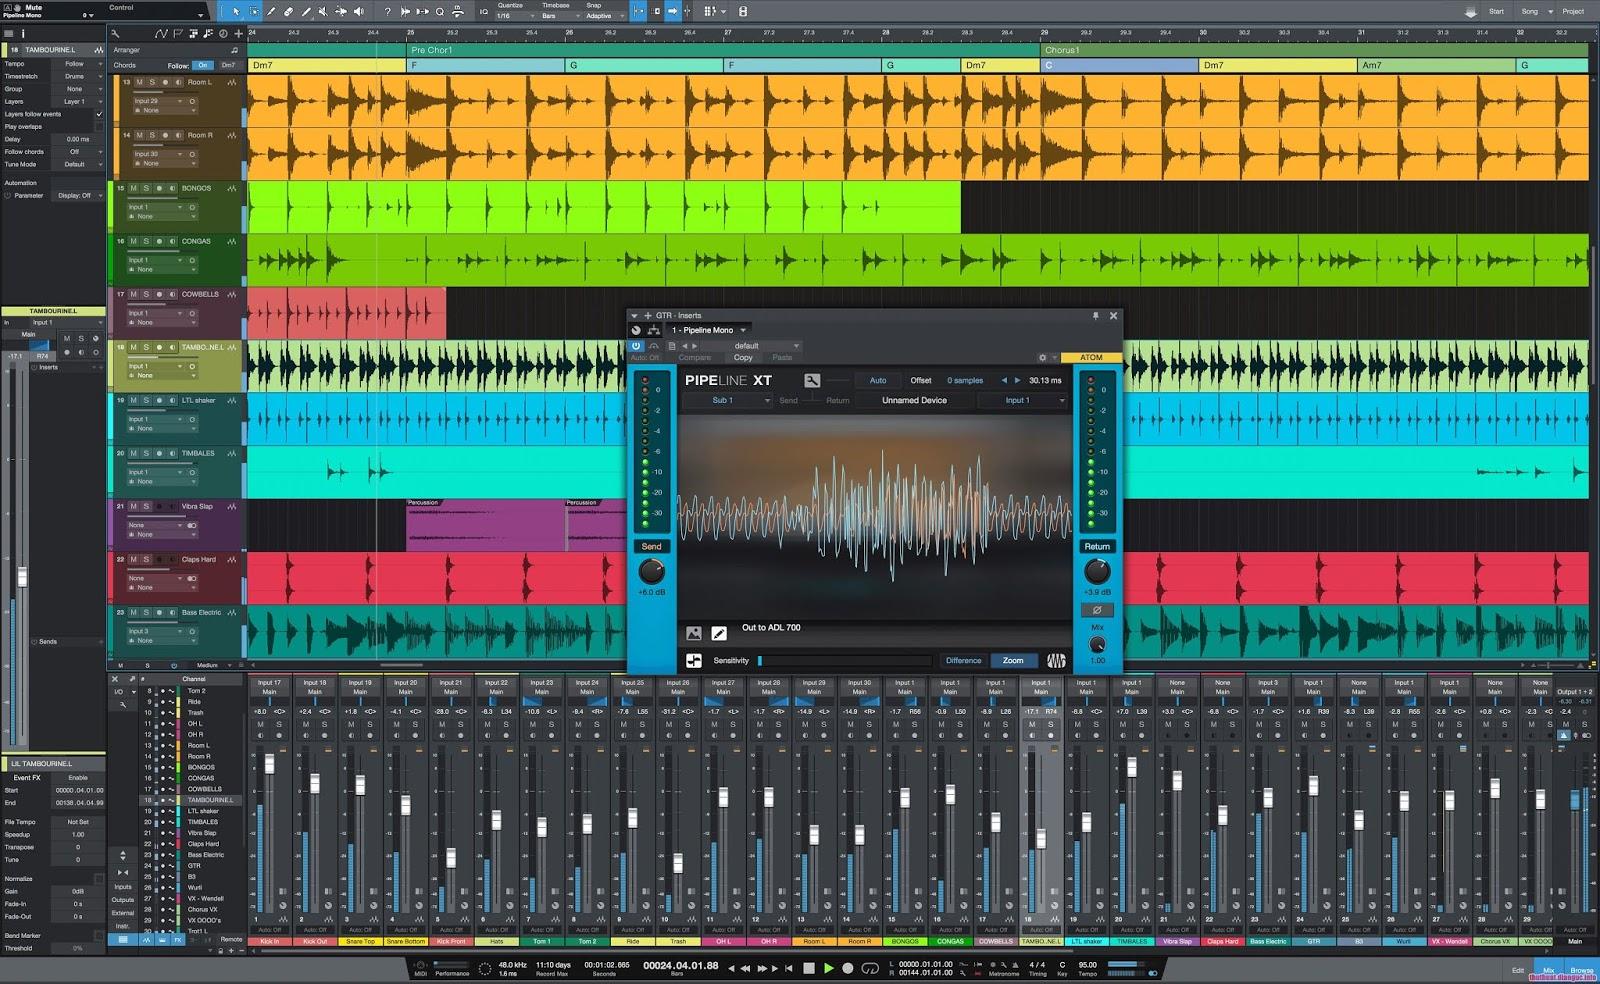 Download Studio One Pro 4.1.0 Full Cr@ck- Phần mềm nghe và tạo nhạc chuyên nghiệp